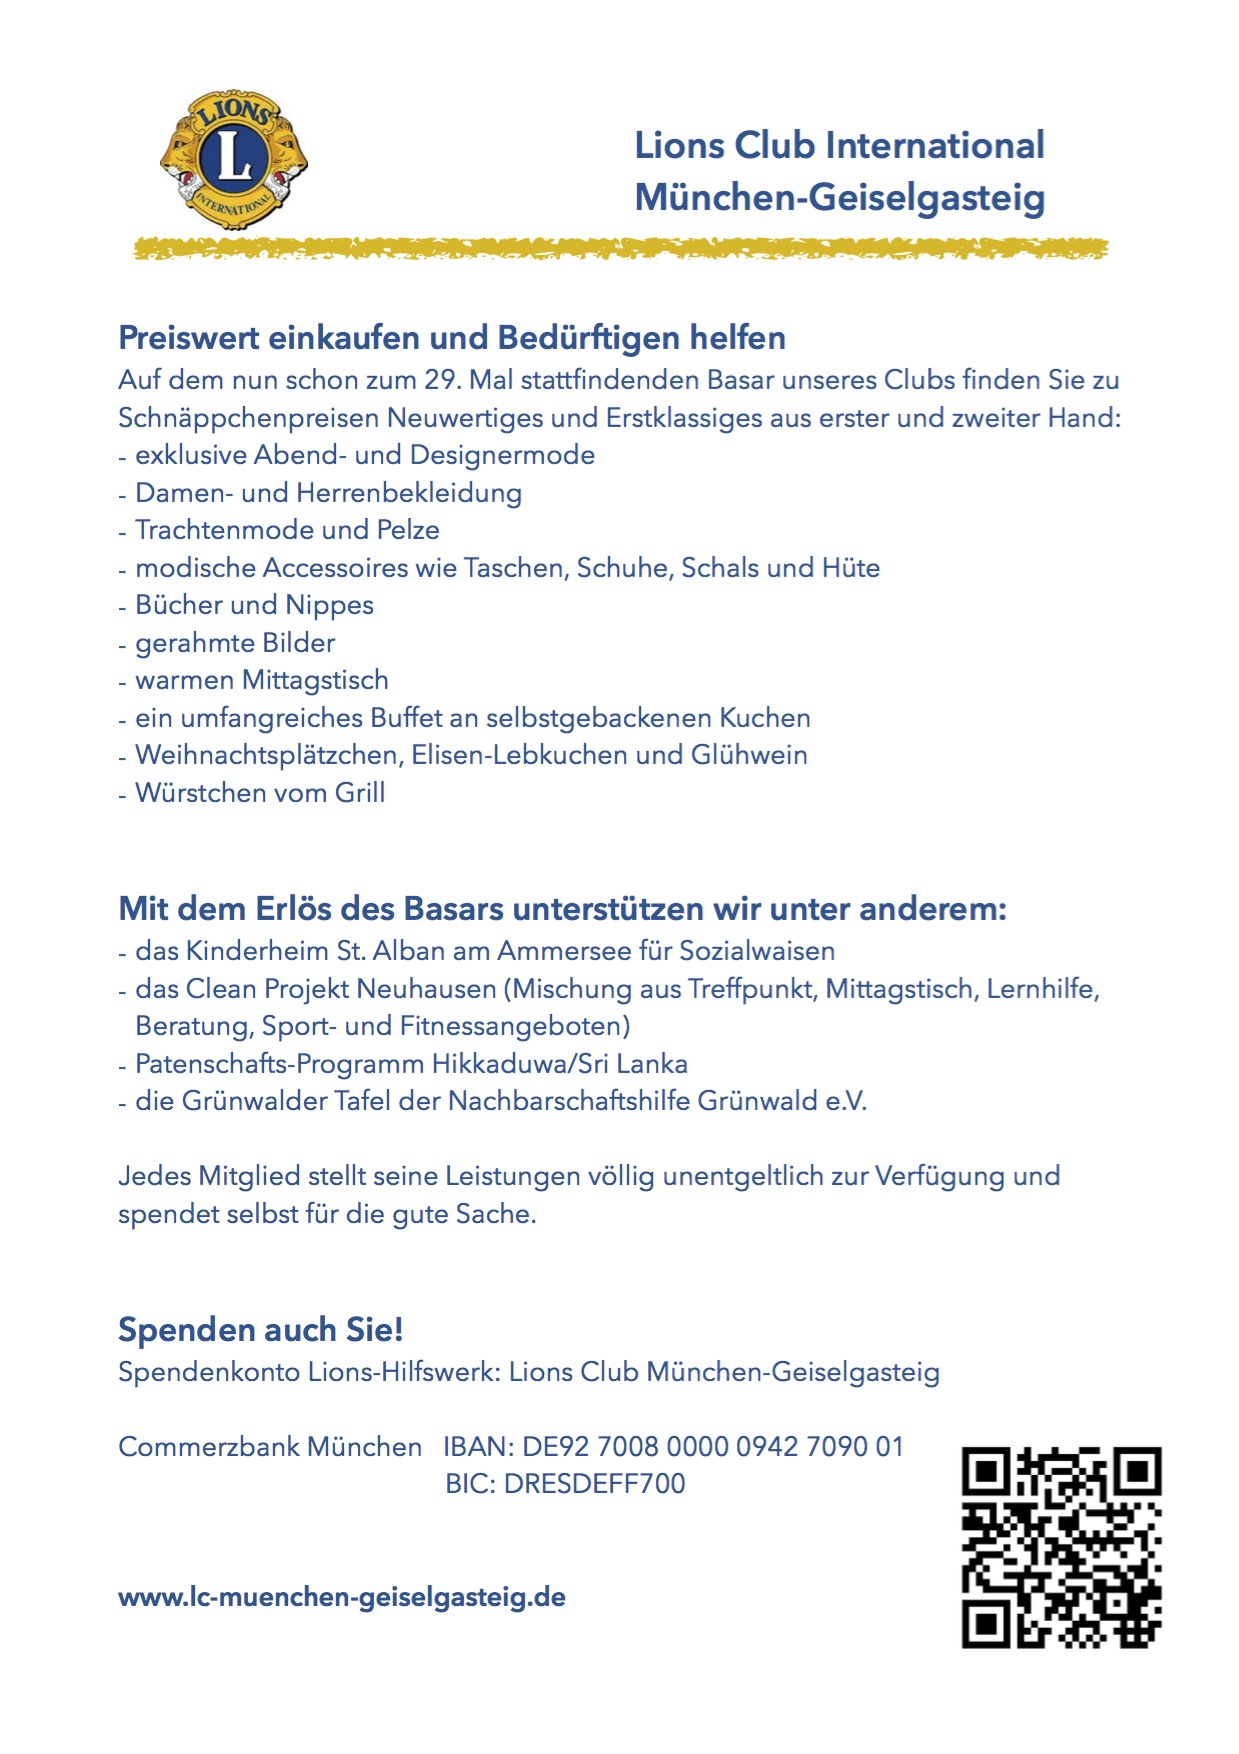 Lions-Club München-Geiselgasteig